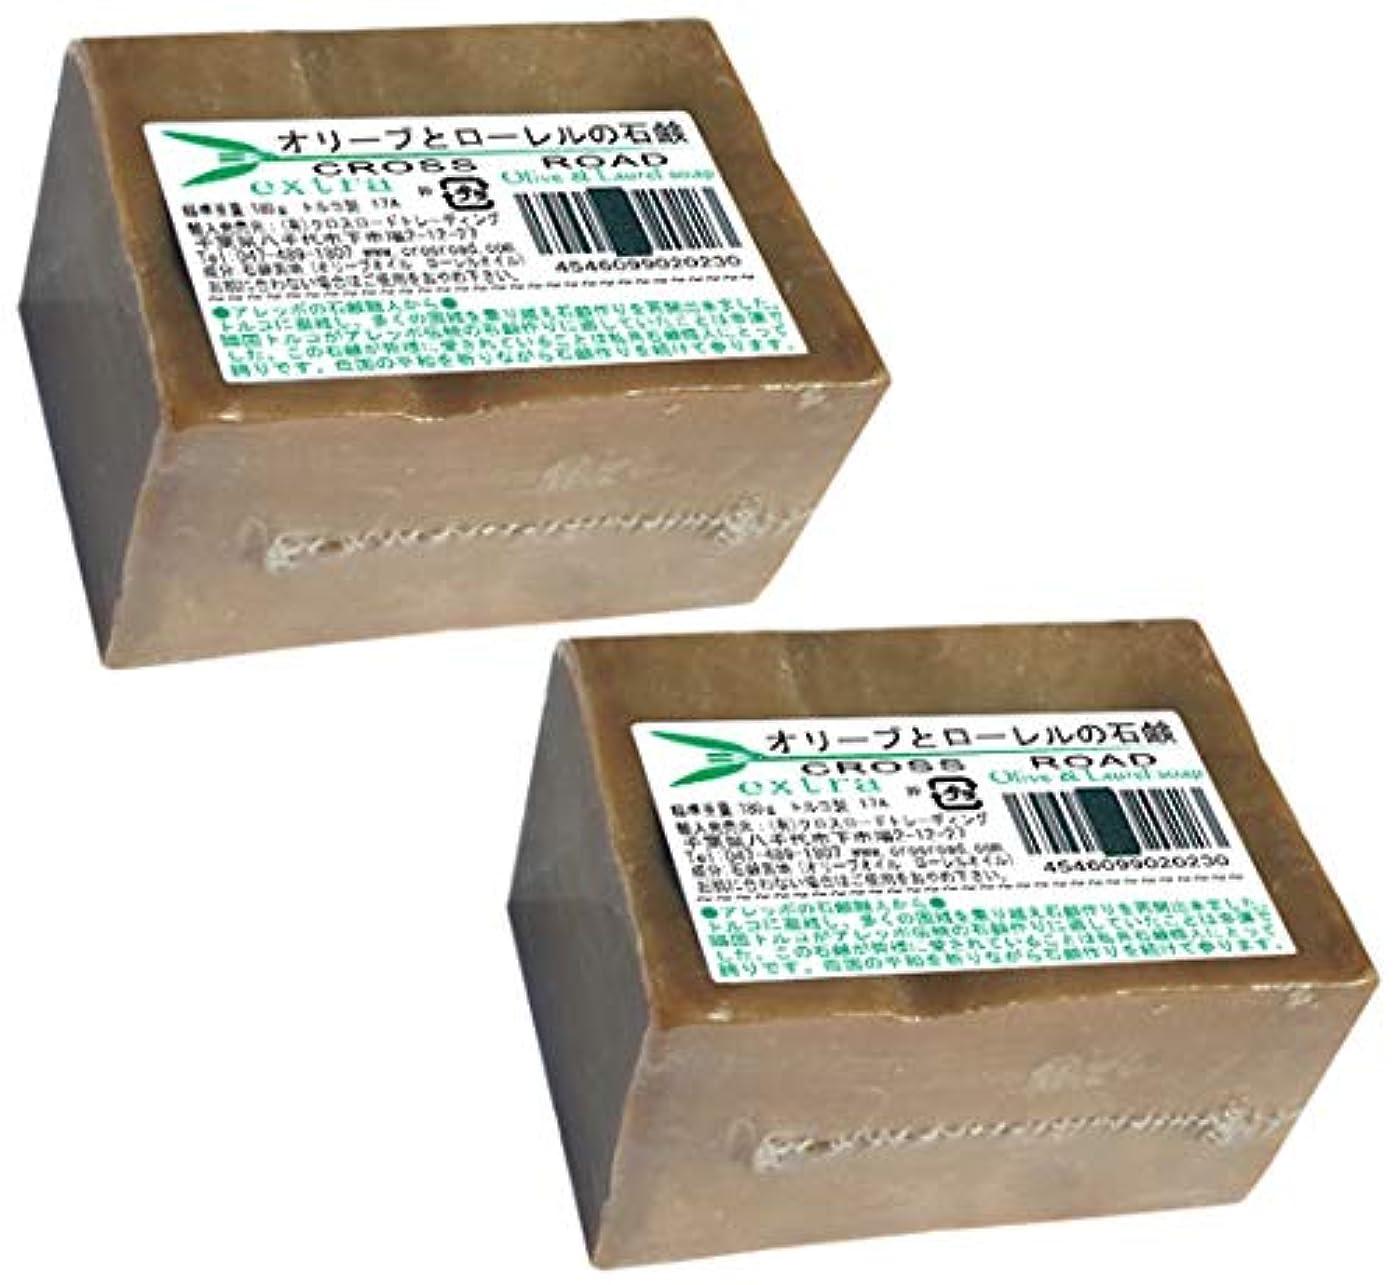 司令官共和国財団オリーブとローレルの石鹸(エキストラ)2個セット[並行輸入品]